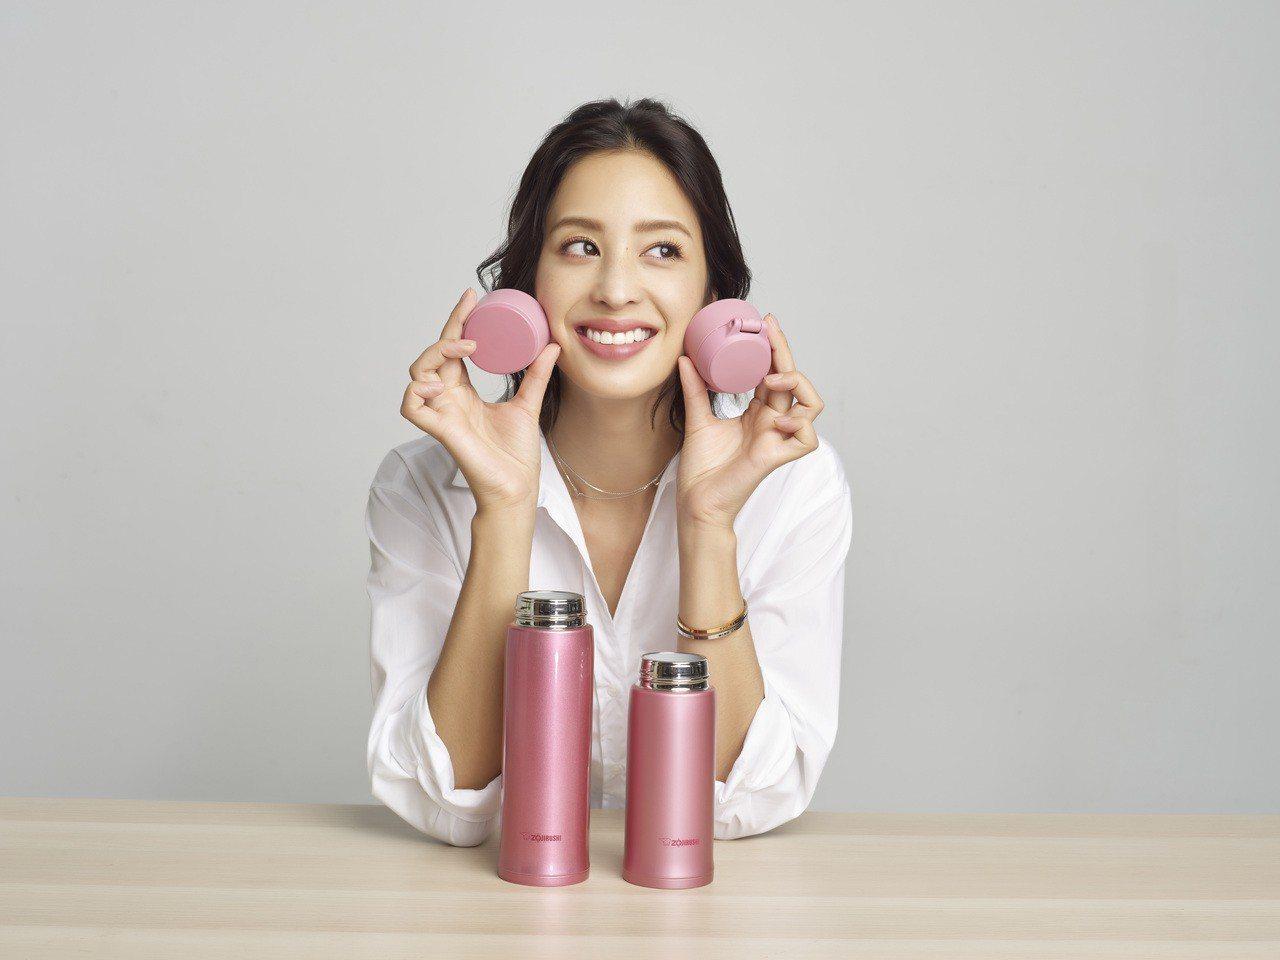 莫允雯此次擔任象印保温瓶系列代言人,俏皮展現此次可換瓶蓋設計的特色。圖/象印提供